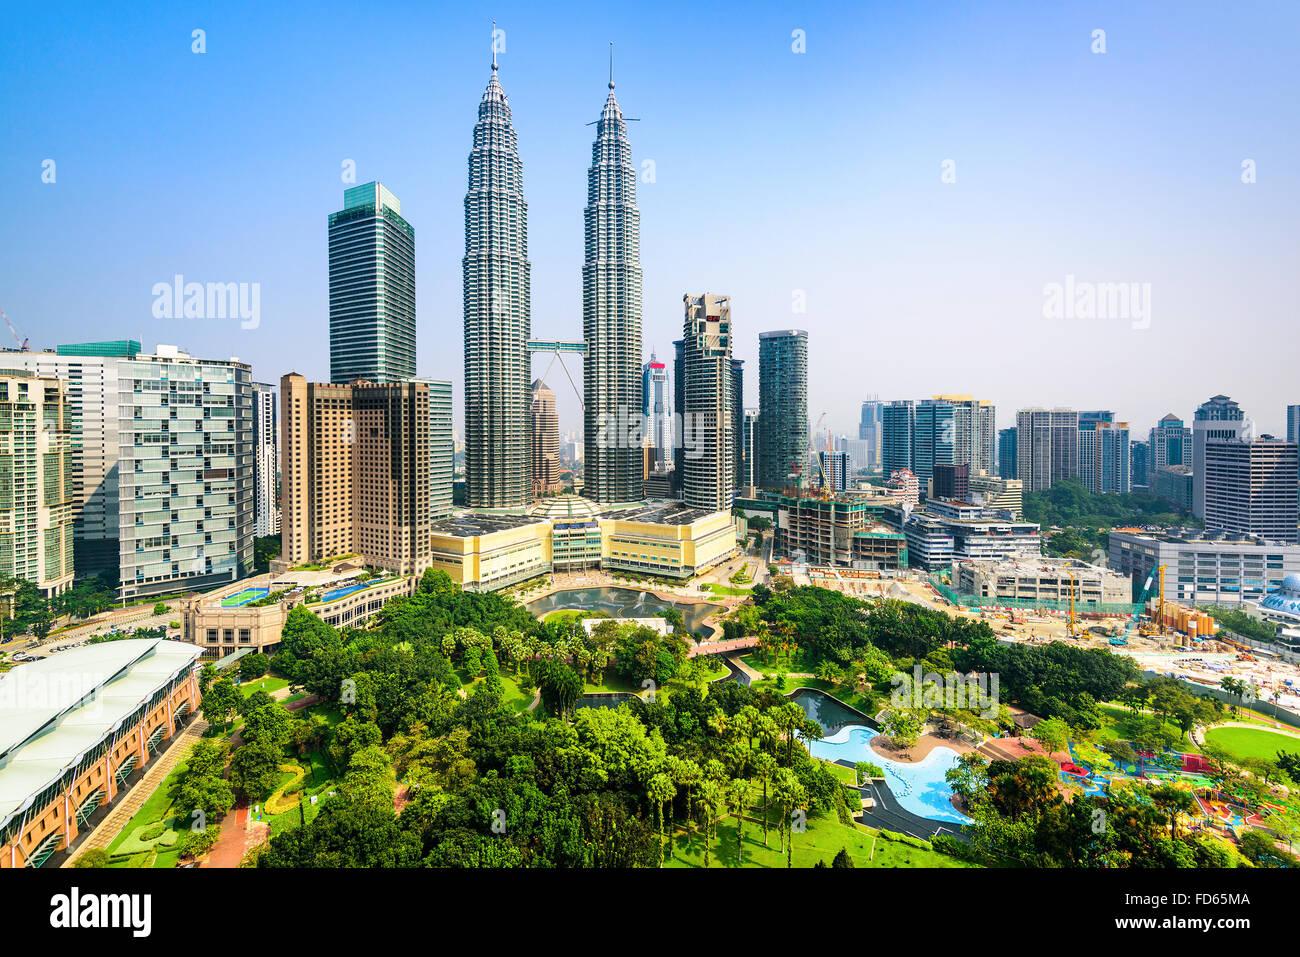 Kuala Lumpur, Malesia centro città skyline. Immagini Stock